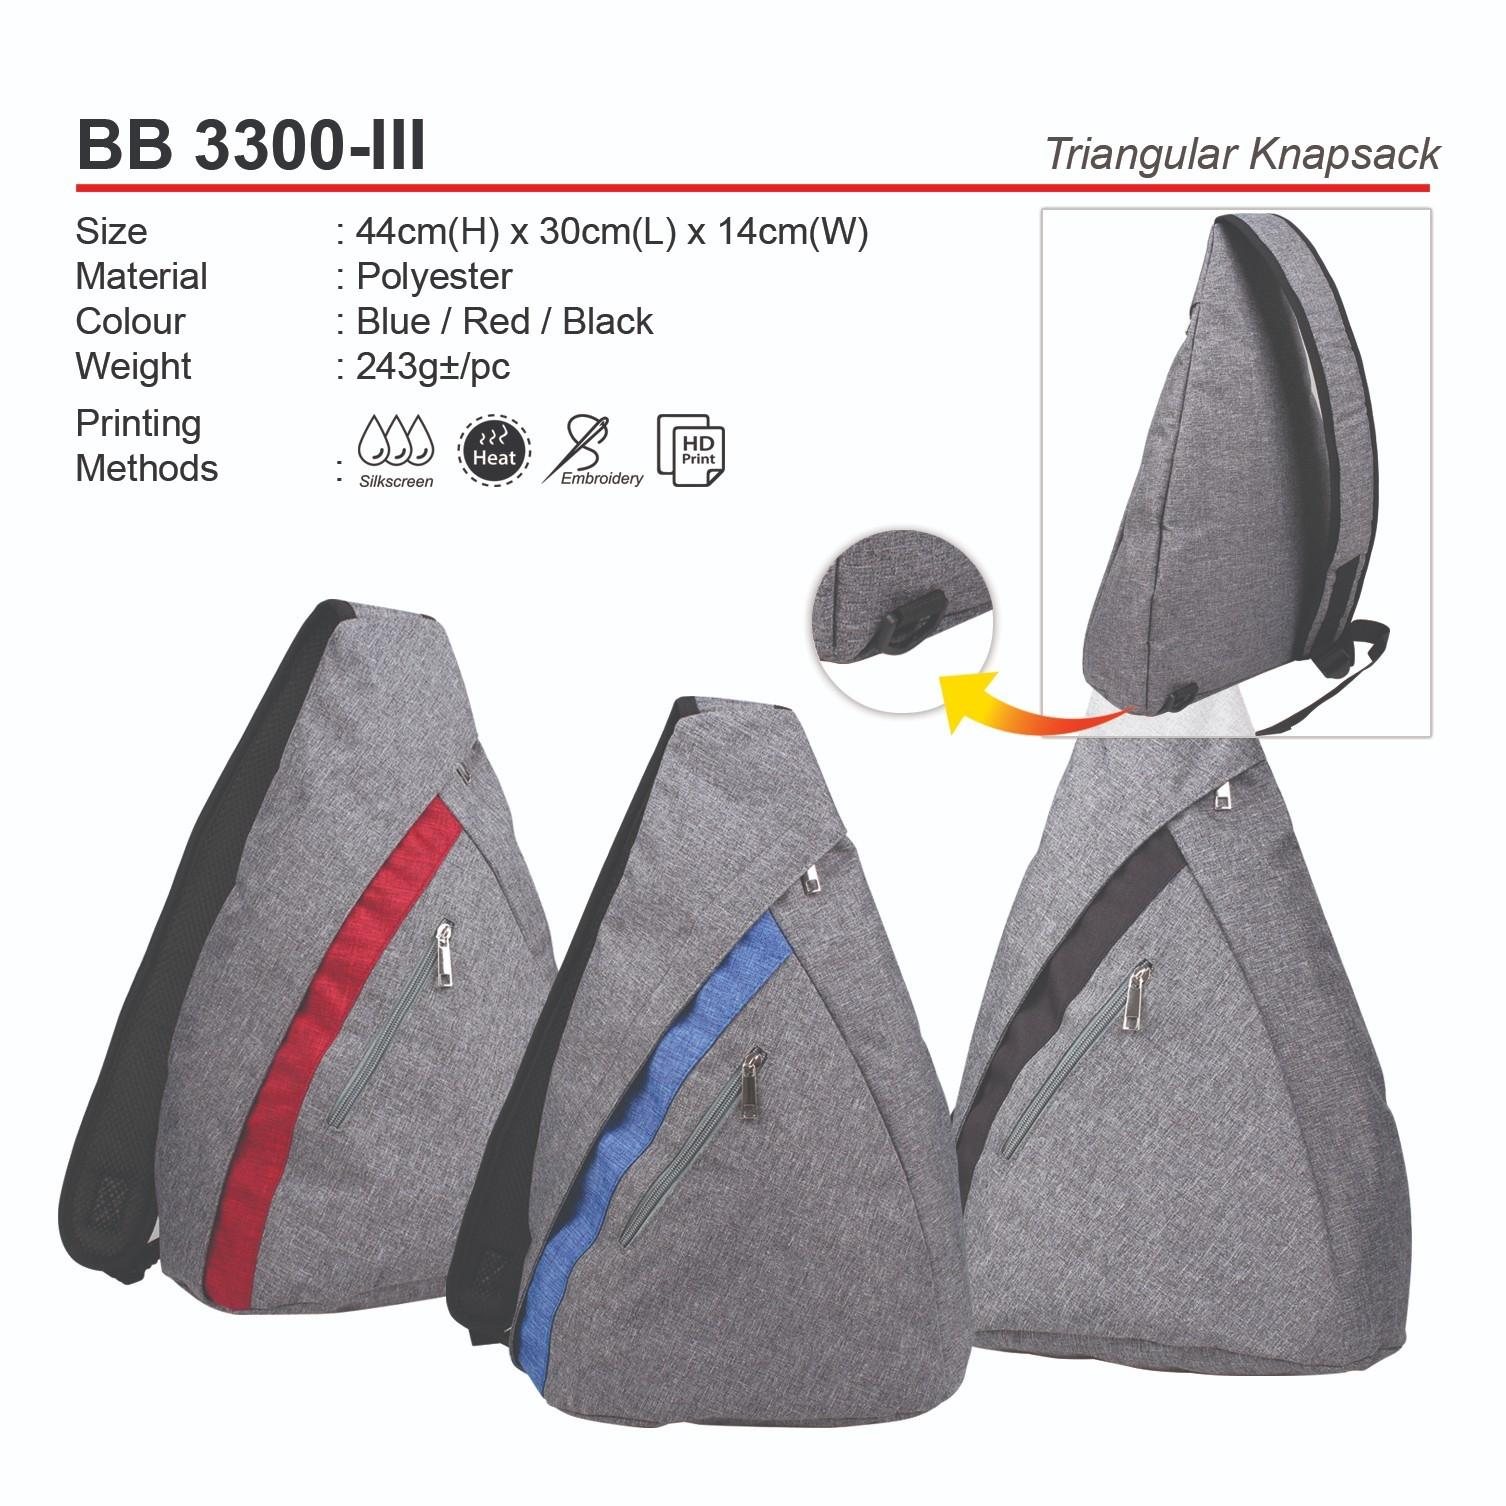 BB3300-III Triangular Knapsack